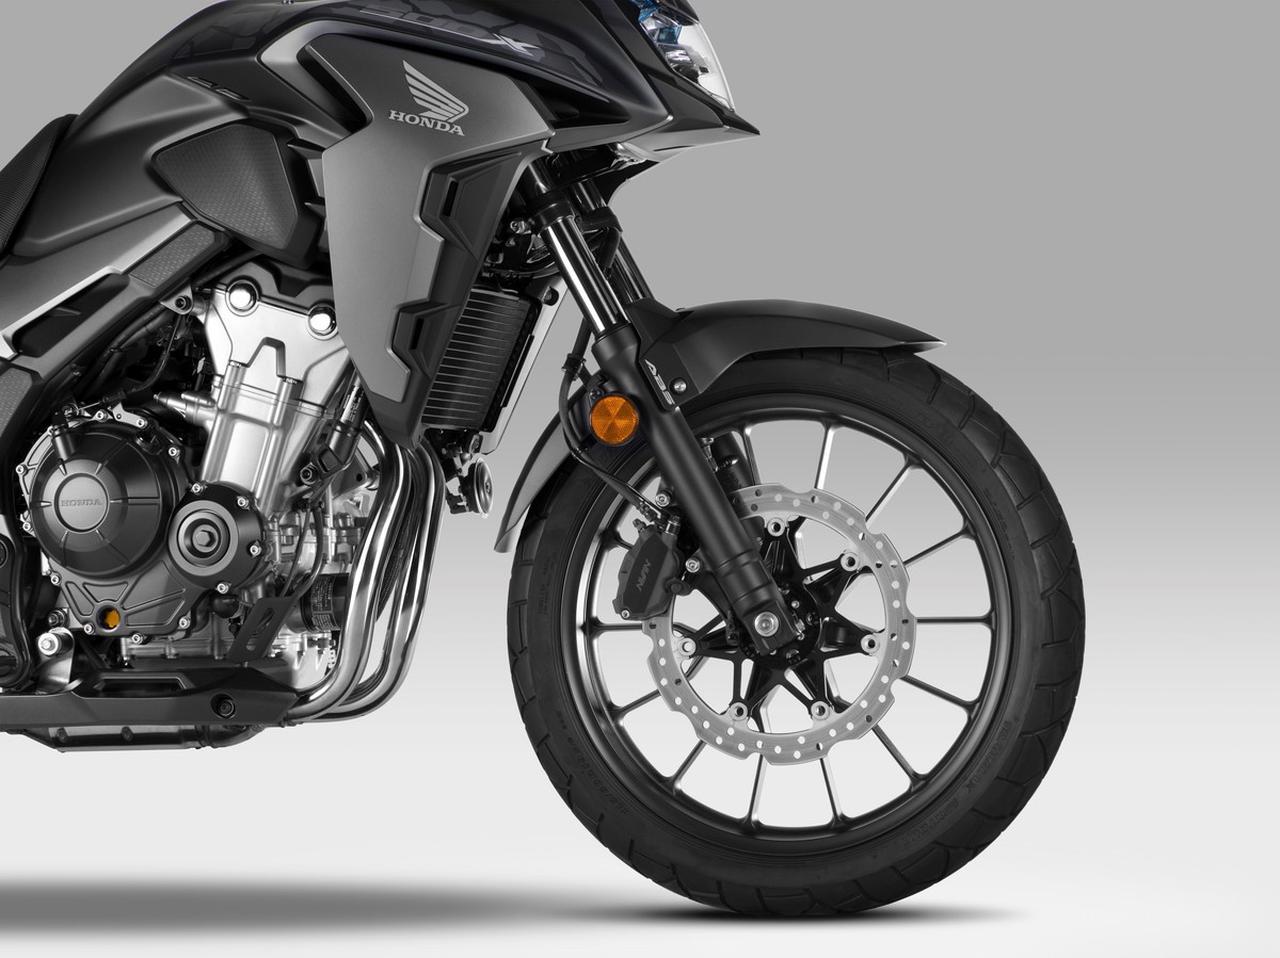 画像2: 日本では400Xとして発売予定の期待の1台